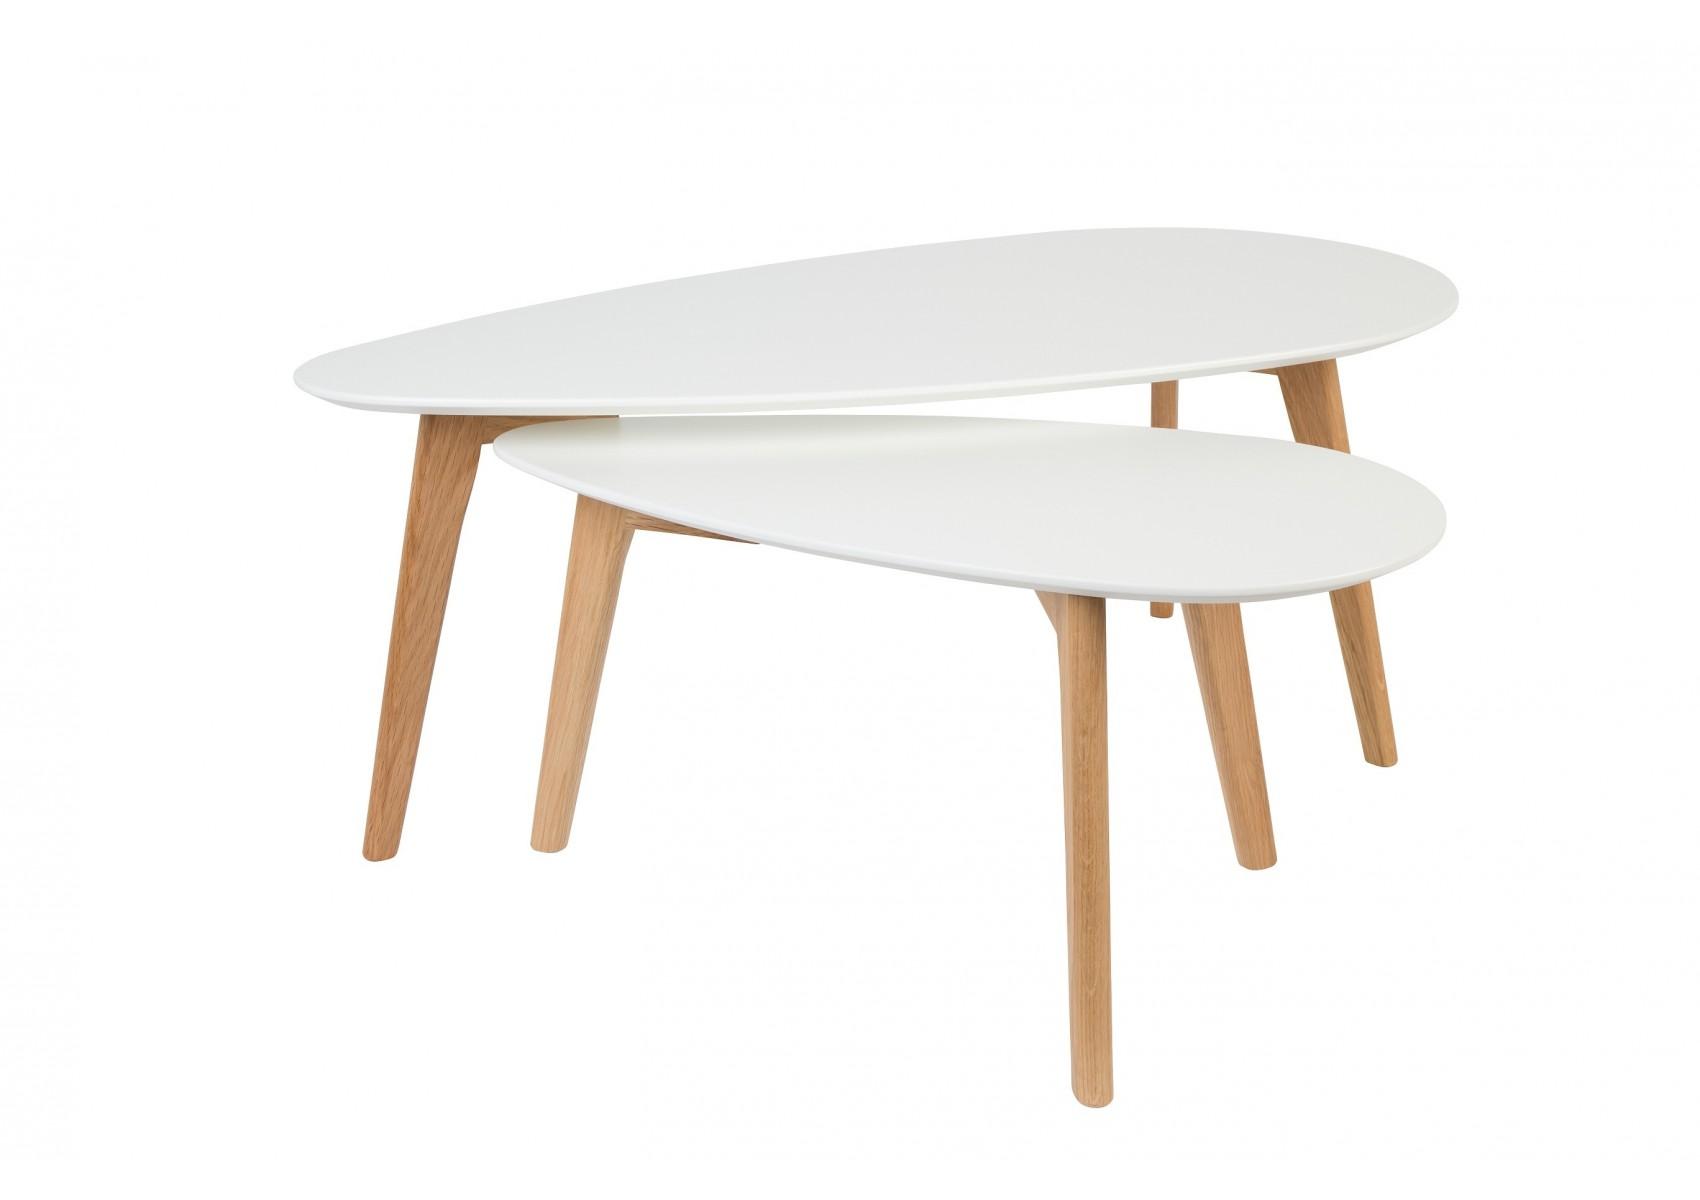 tables basse drop scandinave zuiver. Black Bedroom Furniture Sets. Home Design Ideas